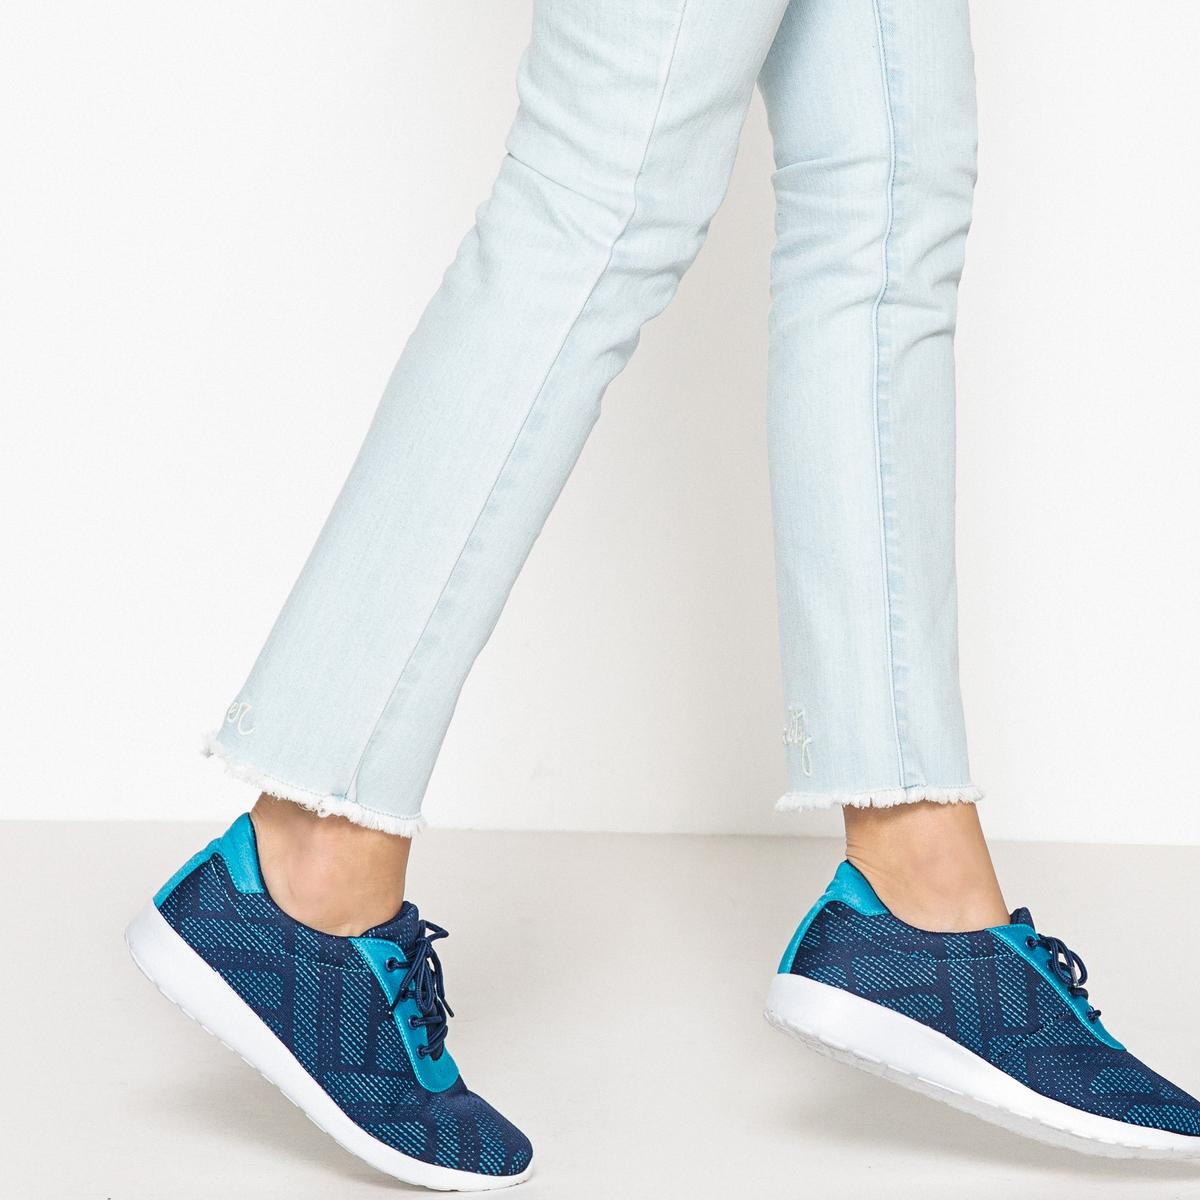 Zapatillas estampadas muy ligeras